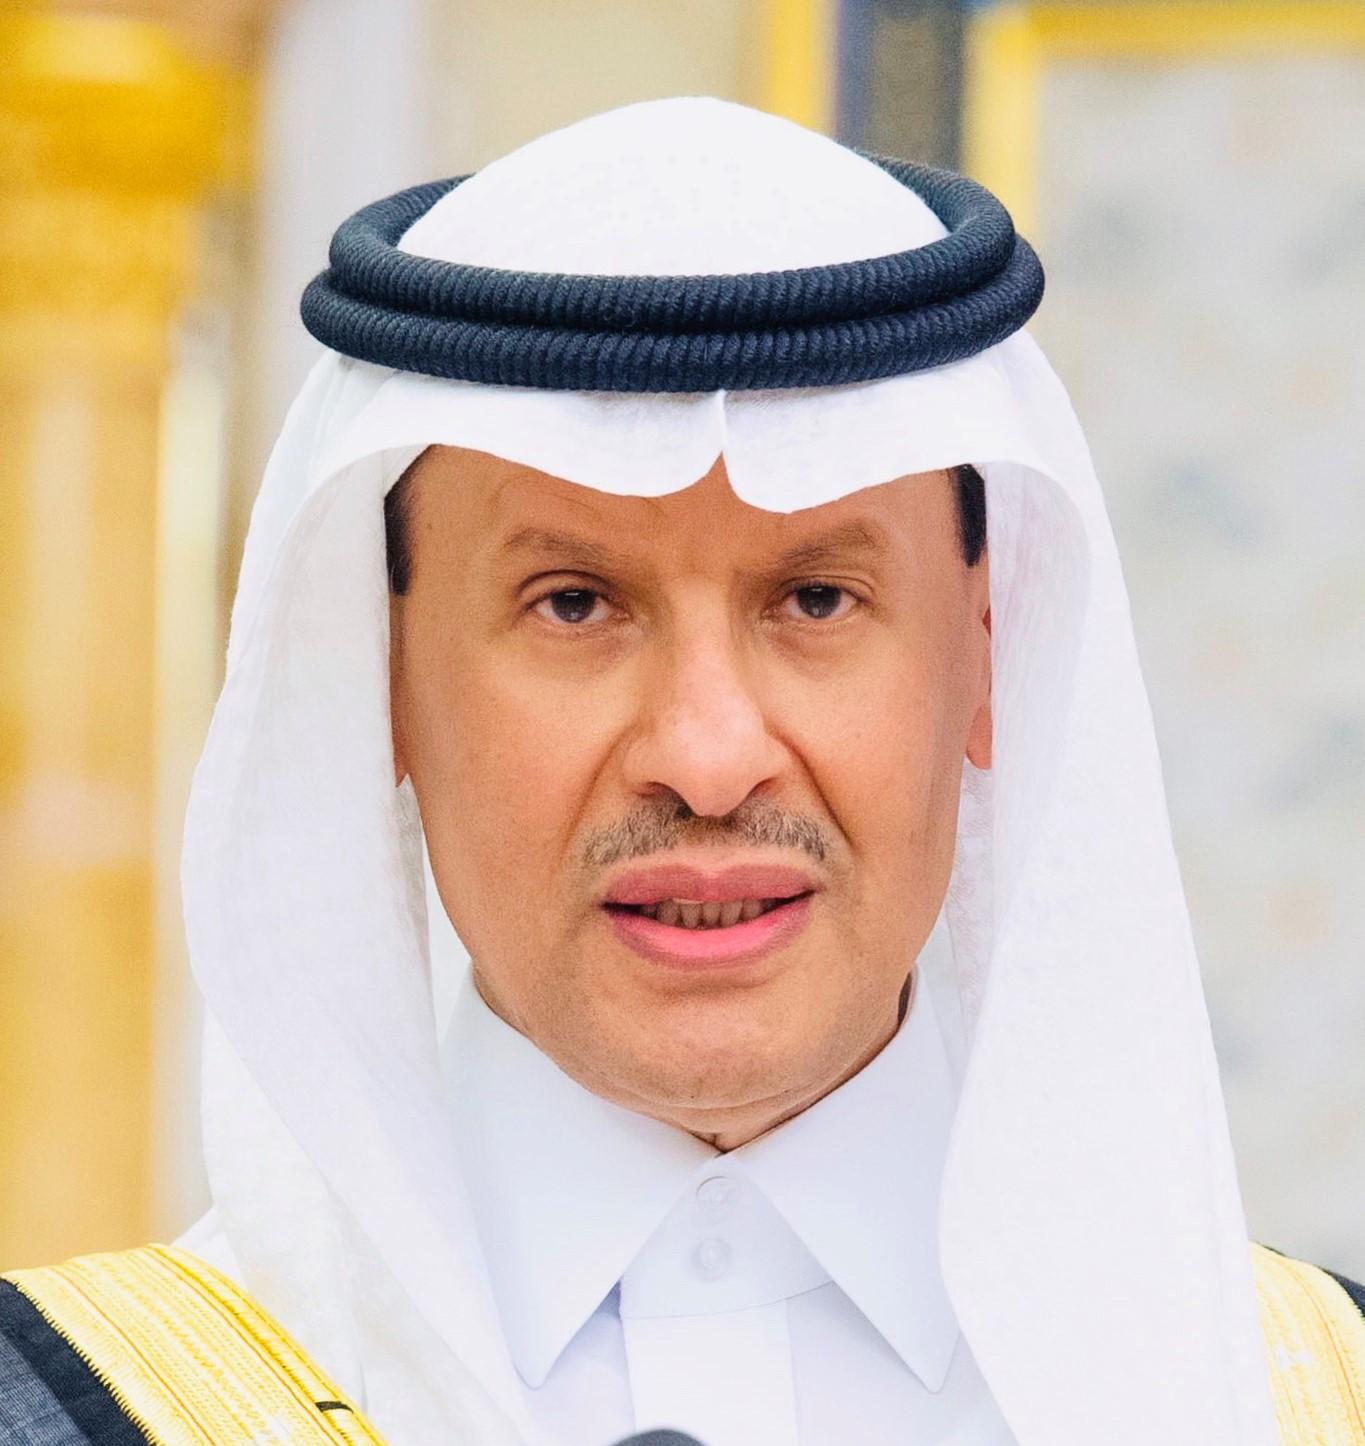 صاحب السمو الملكي الأمير عبدالعزيز بن سلمان